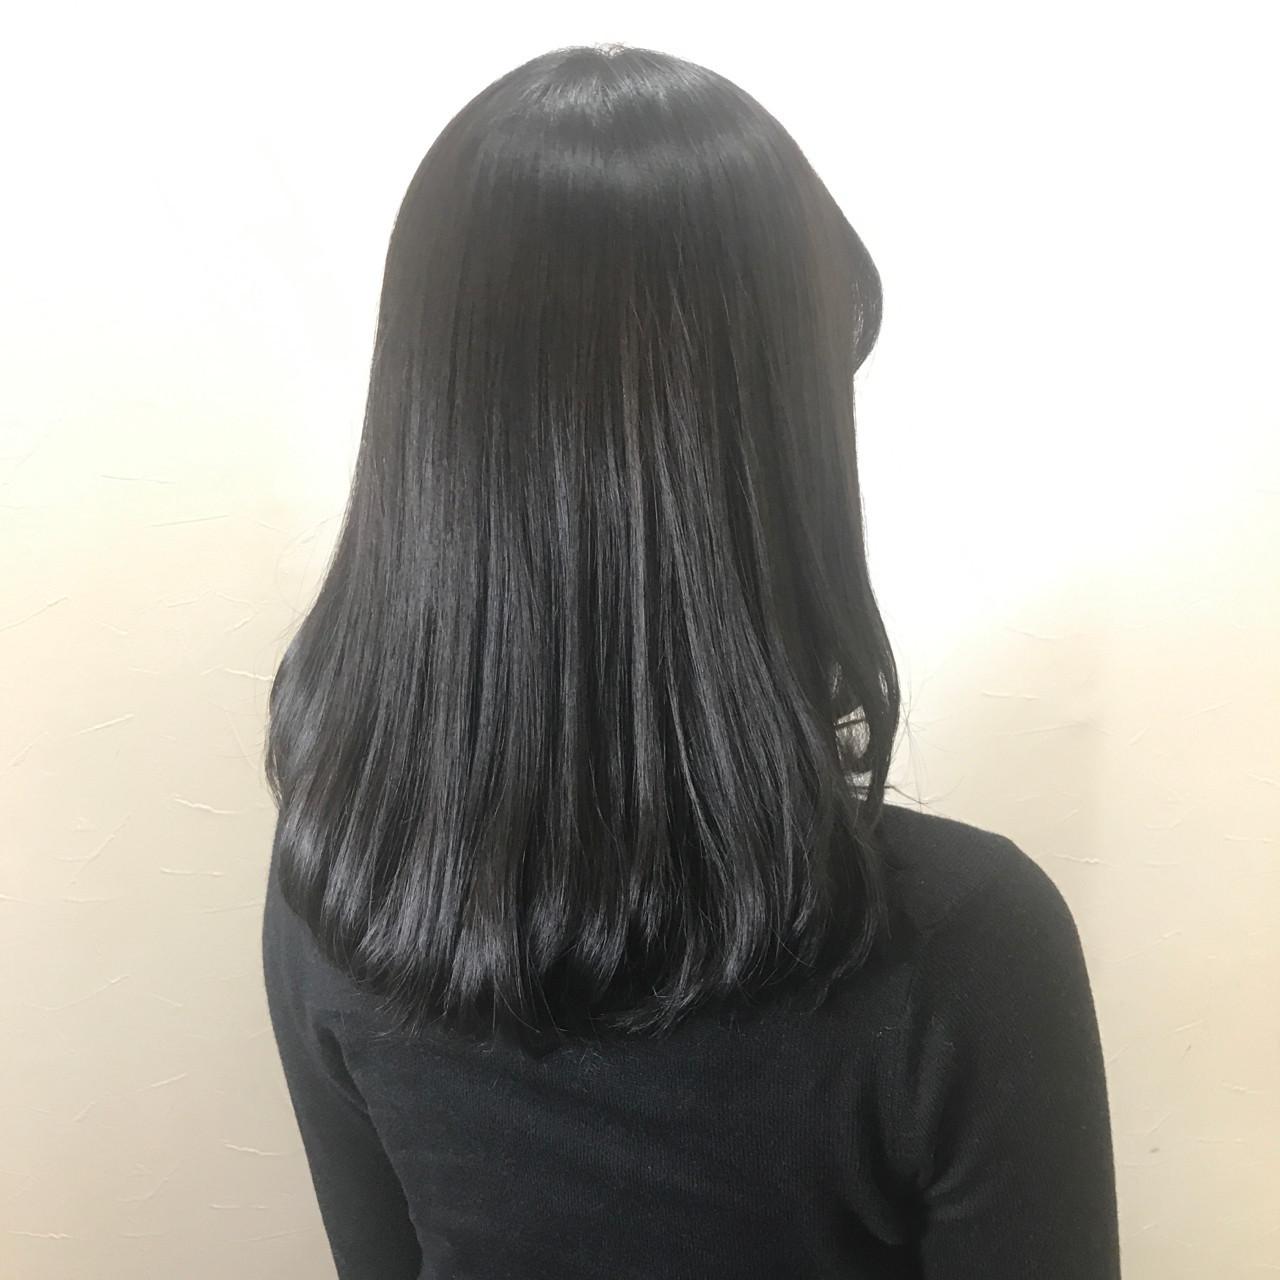 アッシュ セミロング アッシュブラック 透明感 ヘアスタイルや髪型の写真・画像